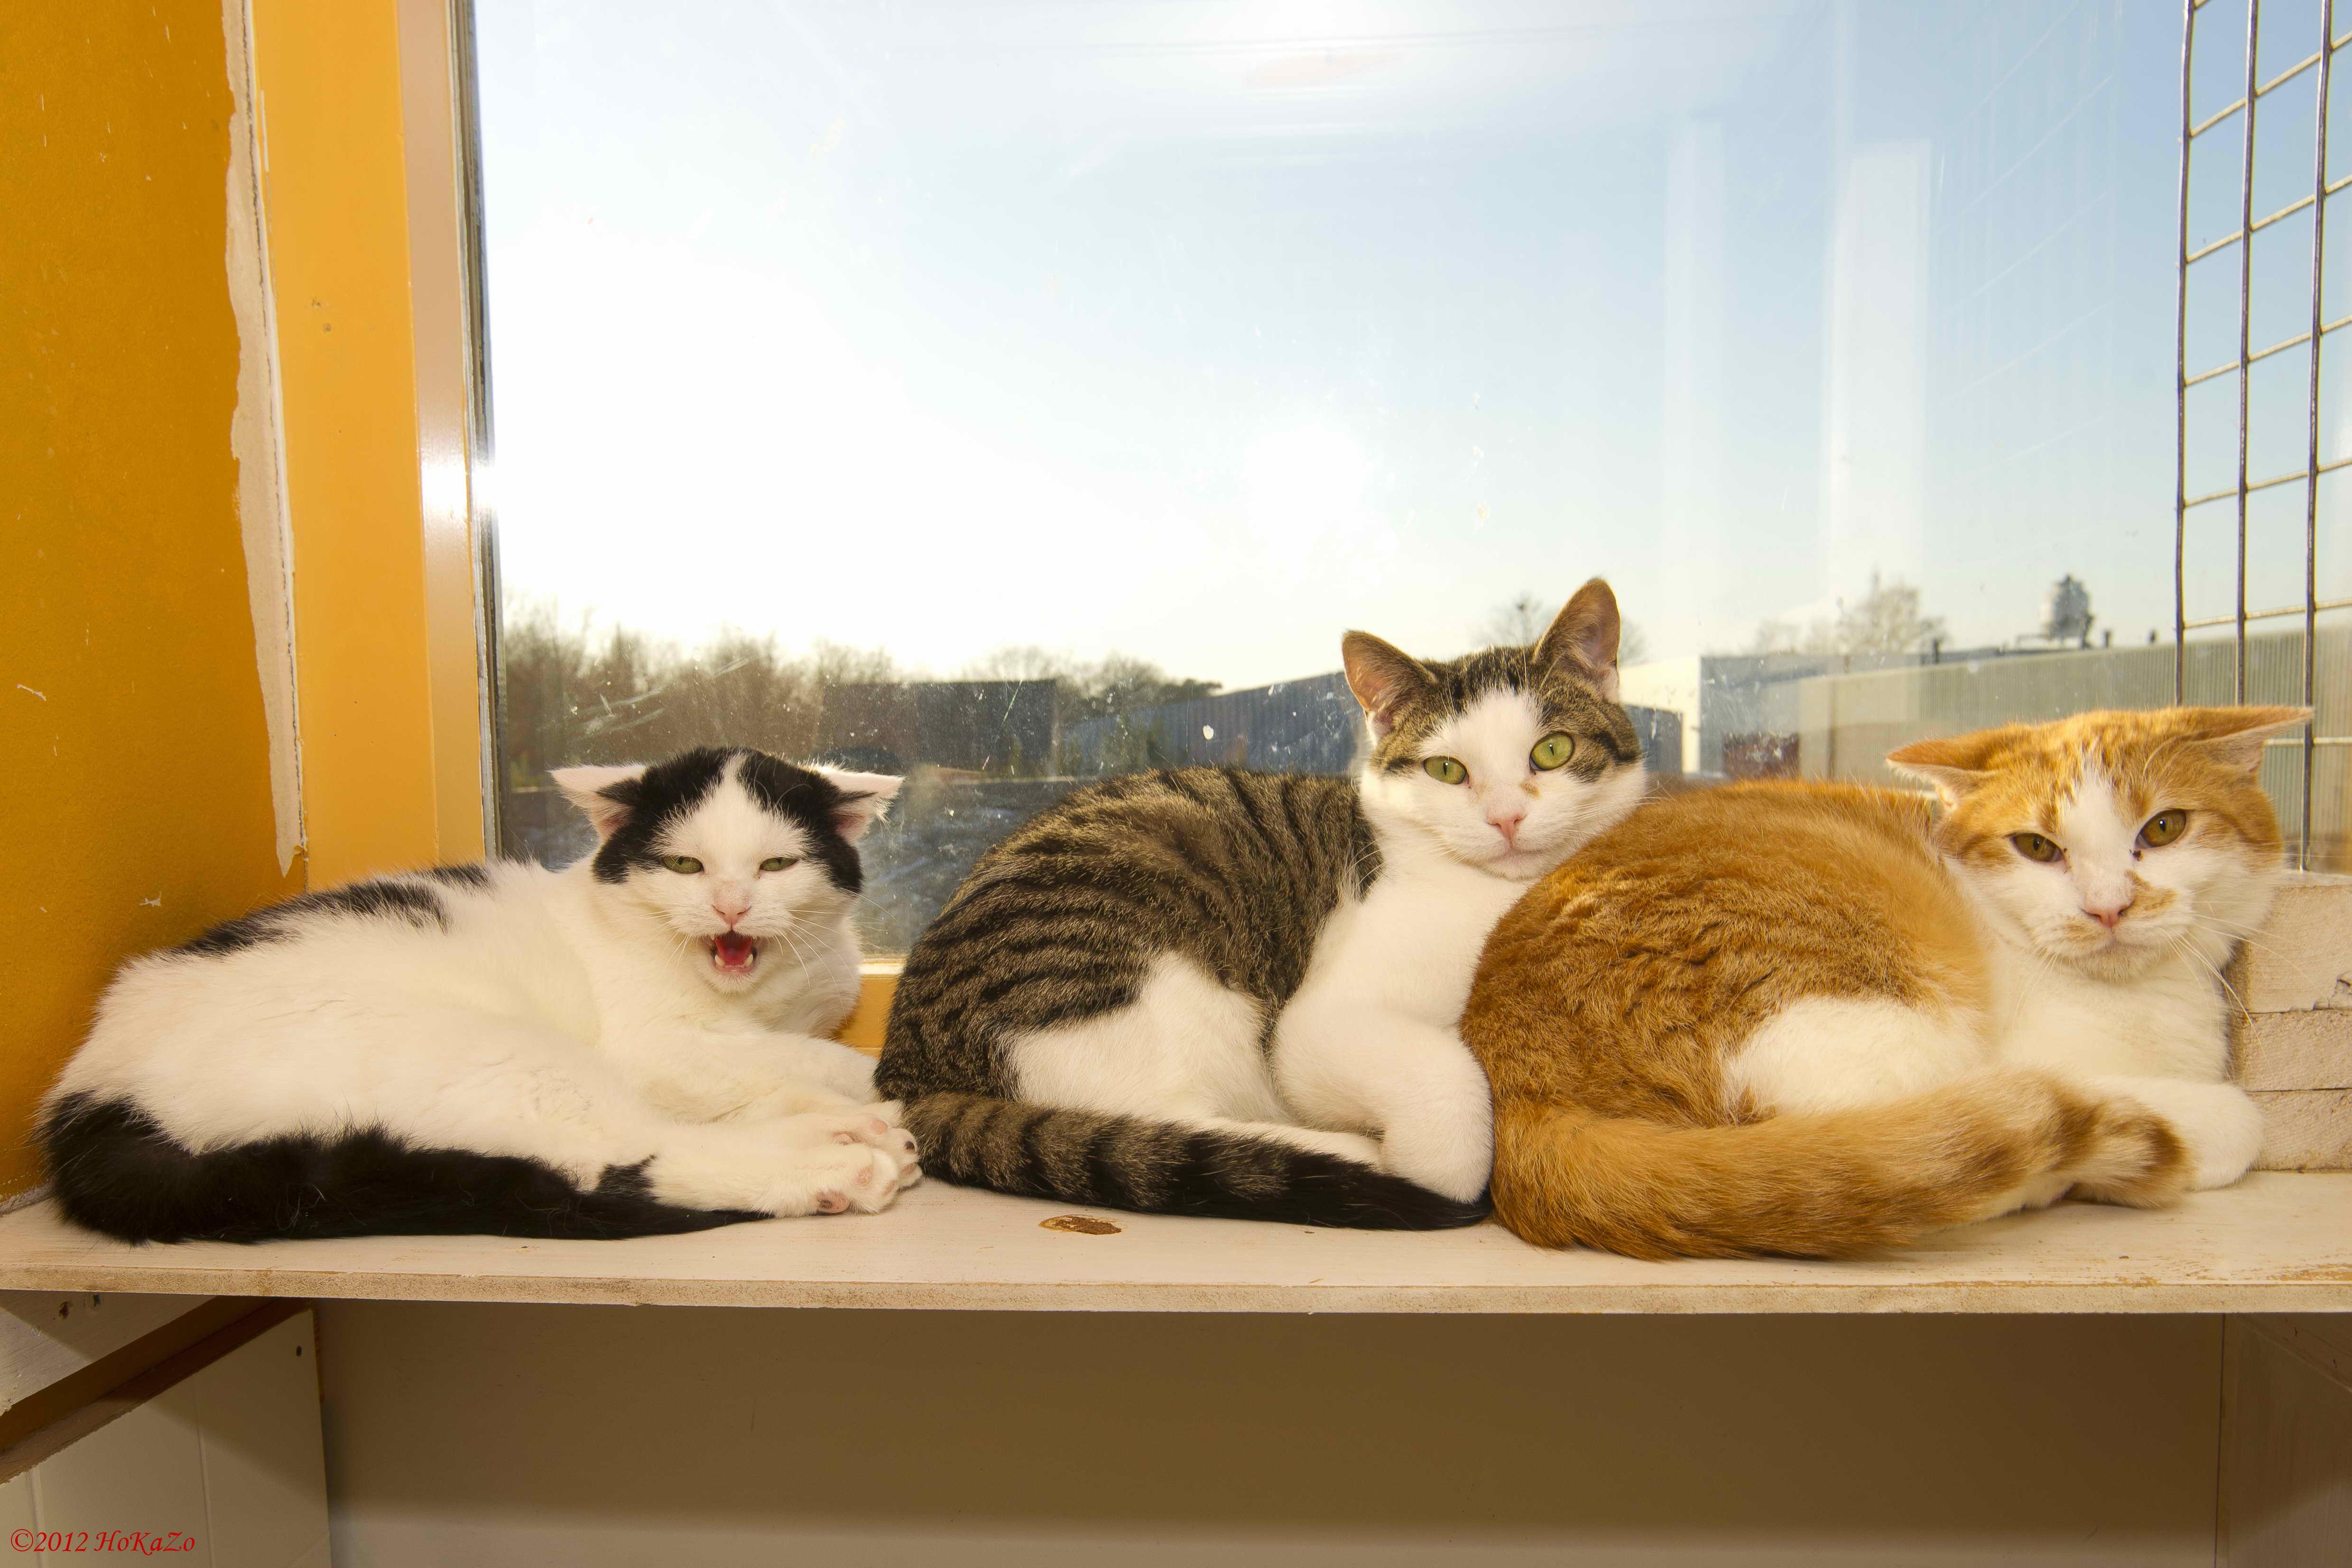 angst, stress en agressie bij katten